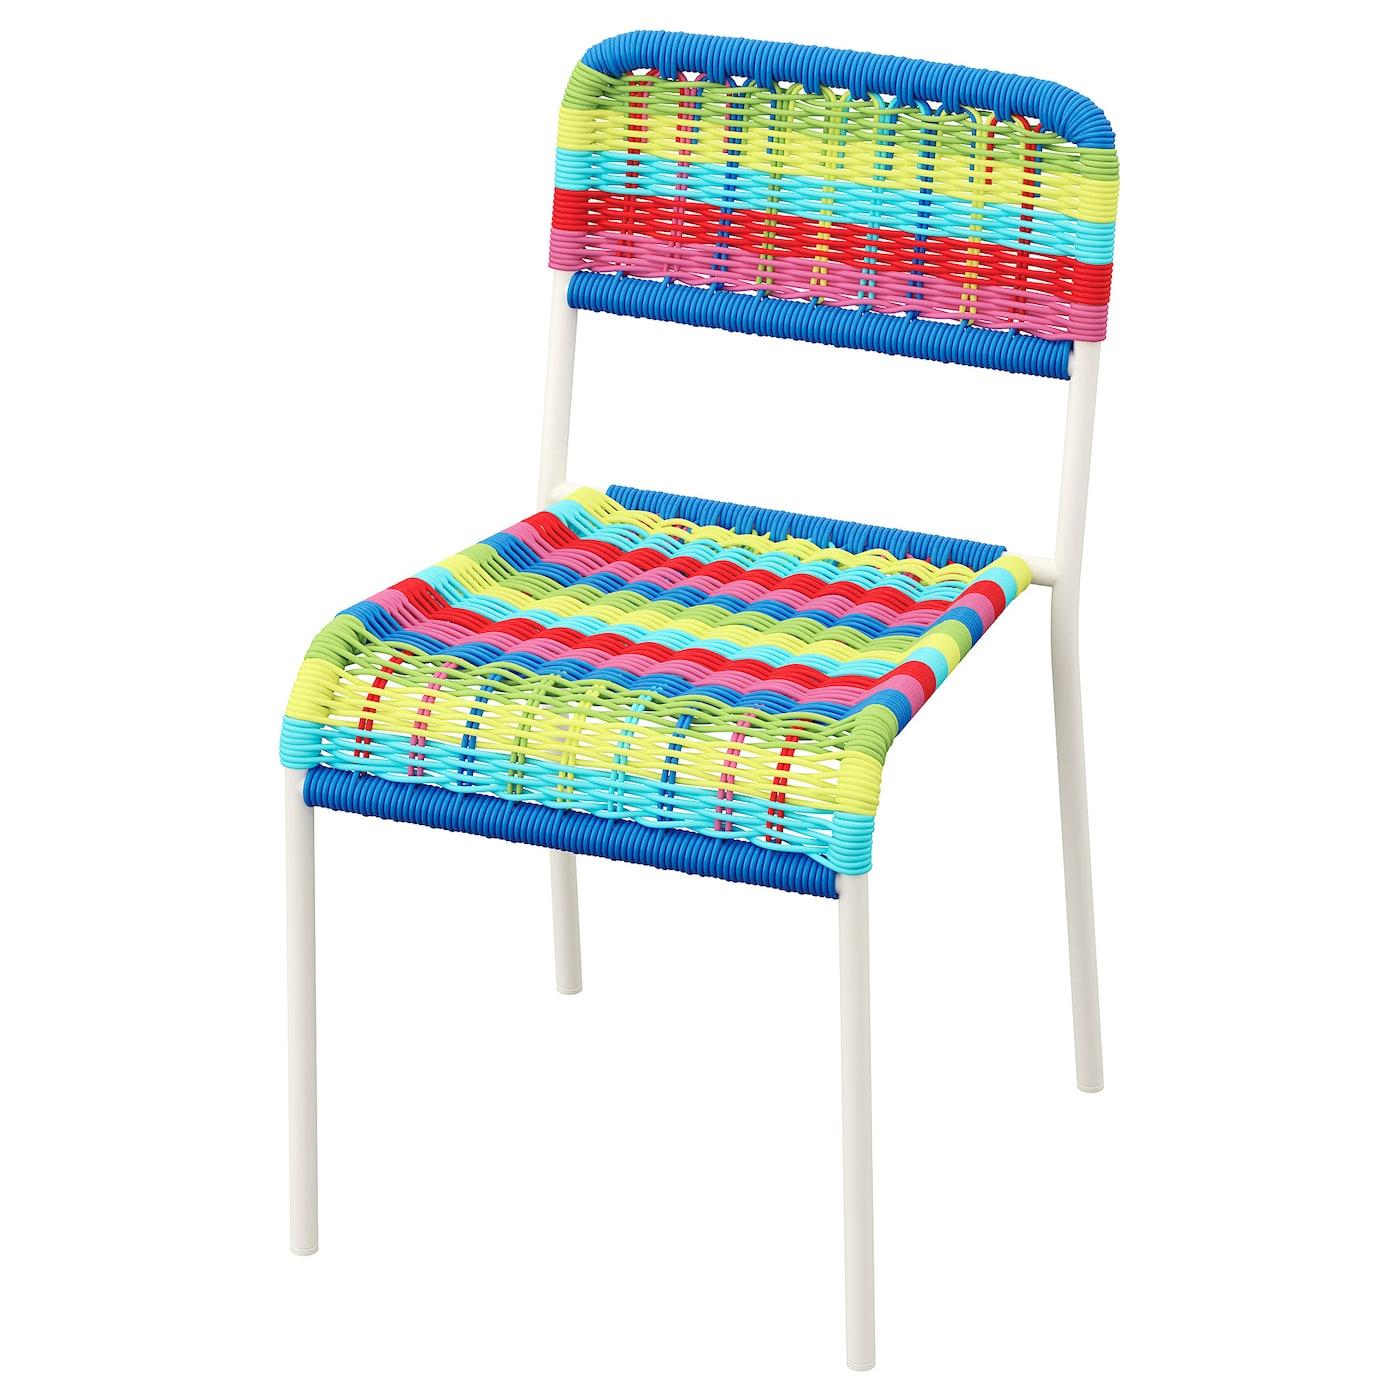 fargglad children s chair in outdoor multicolour